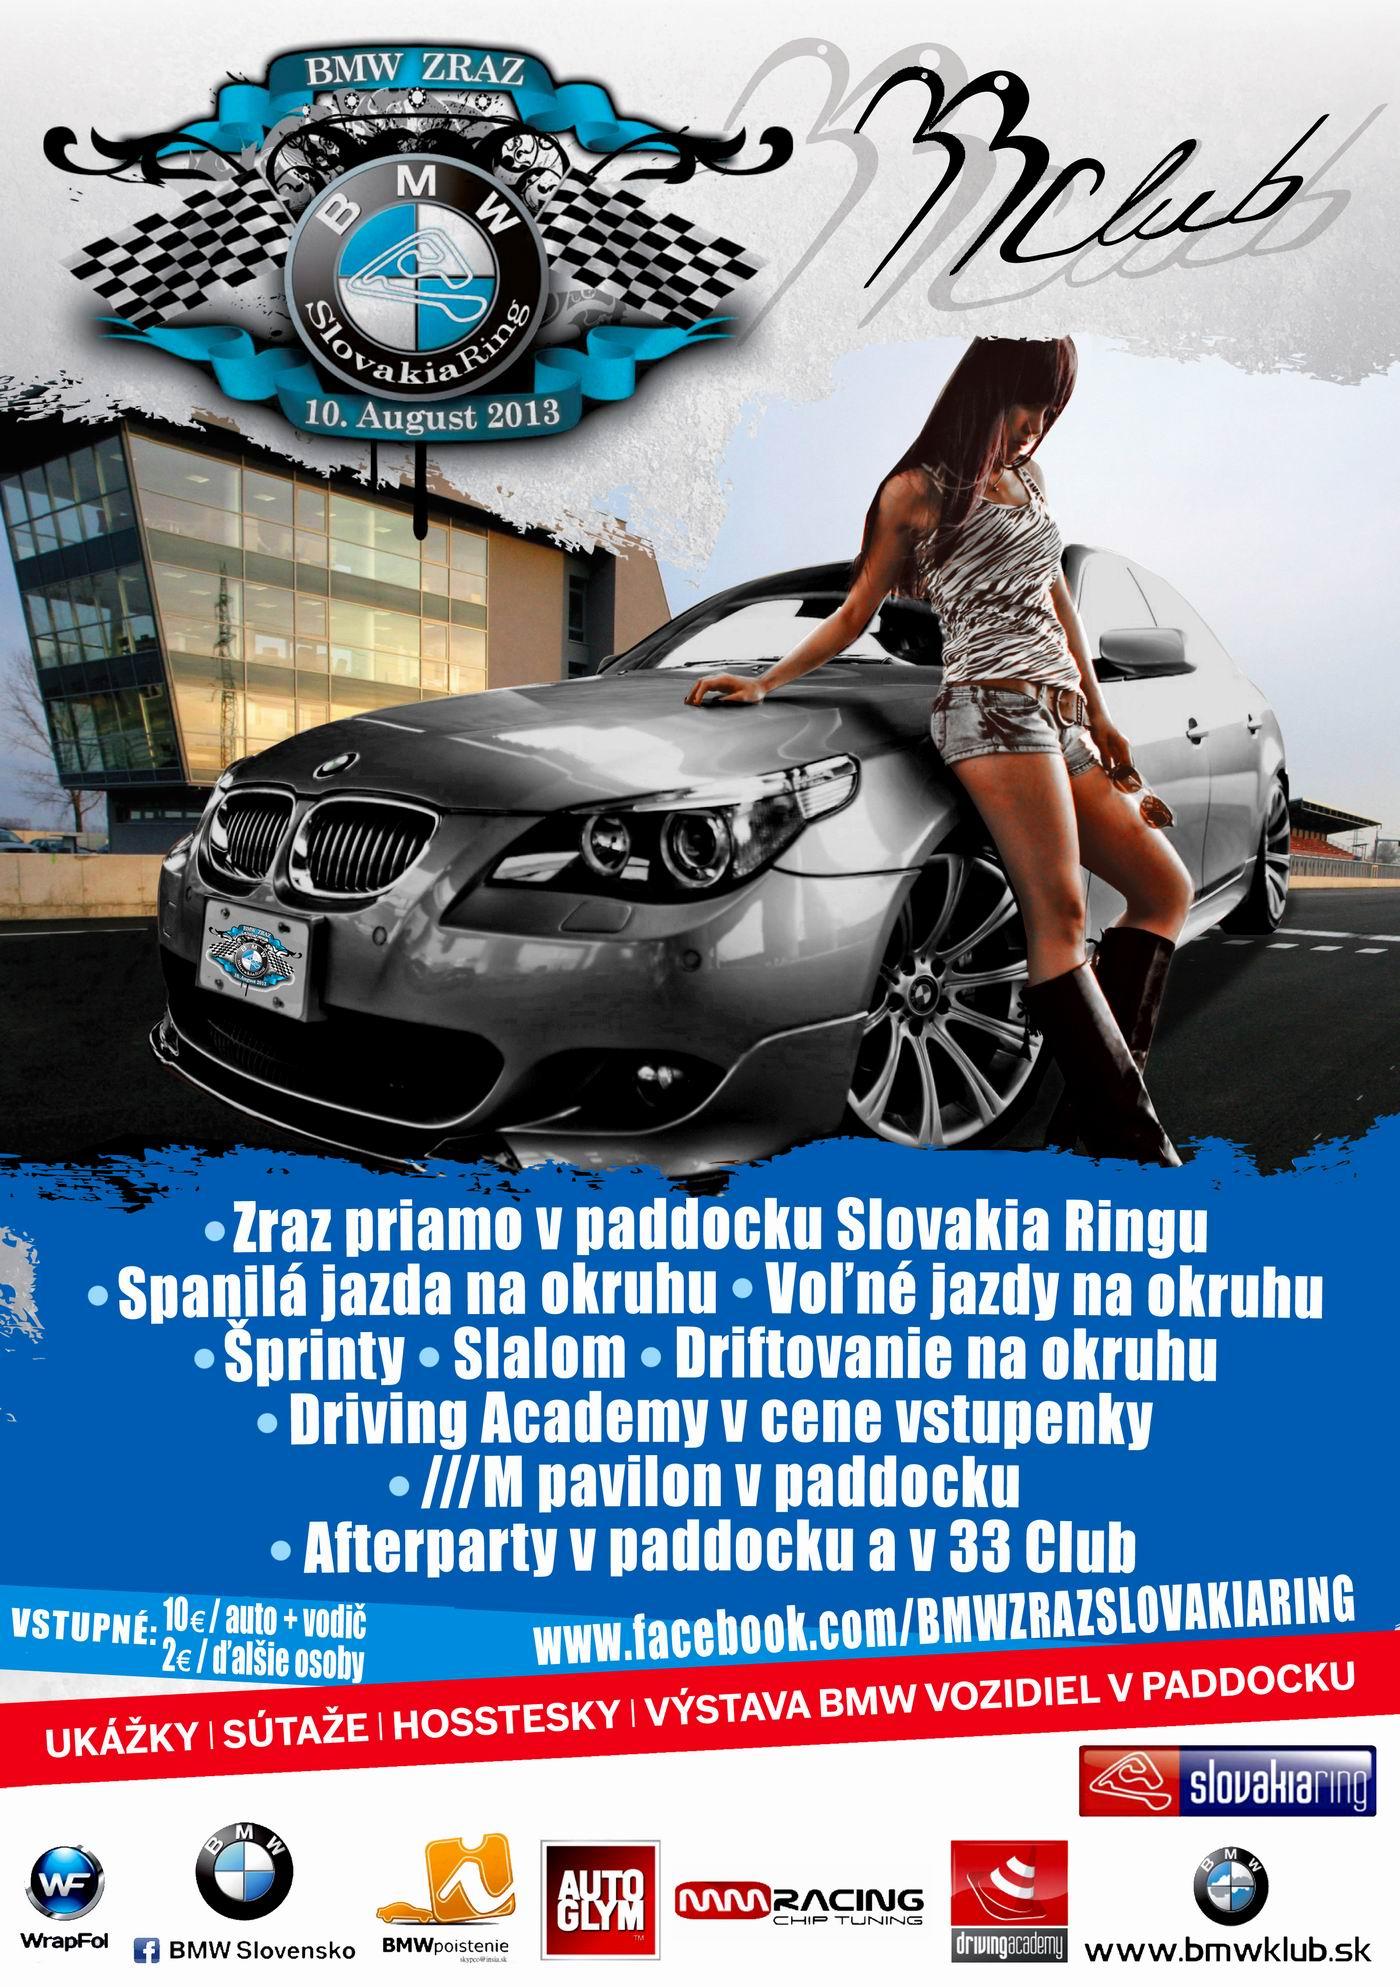 BMW klub zraz slovakiaring